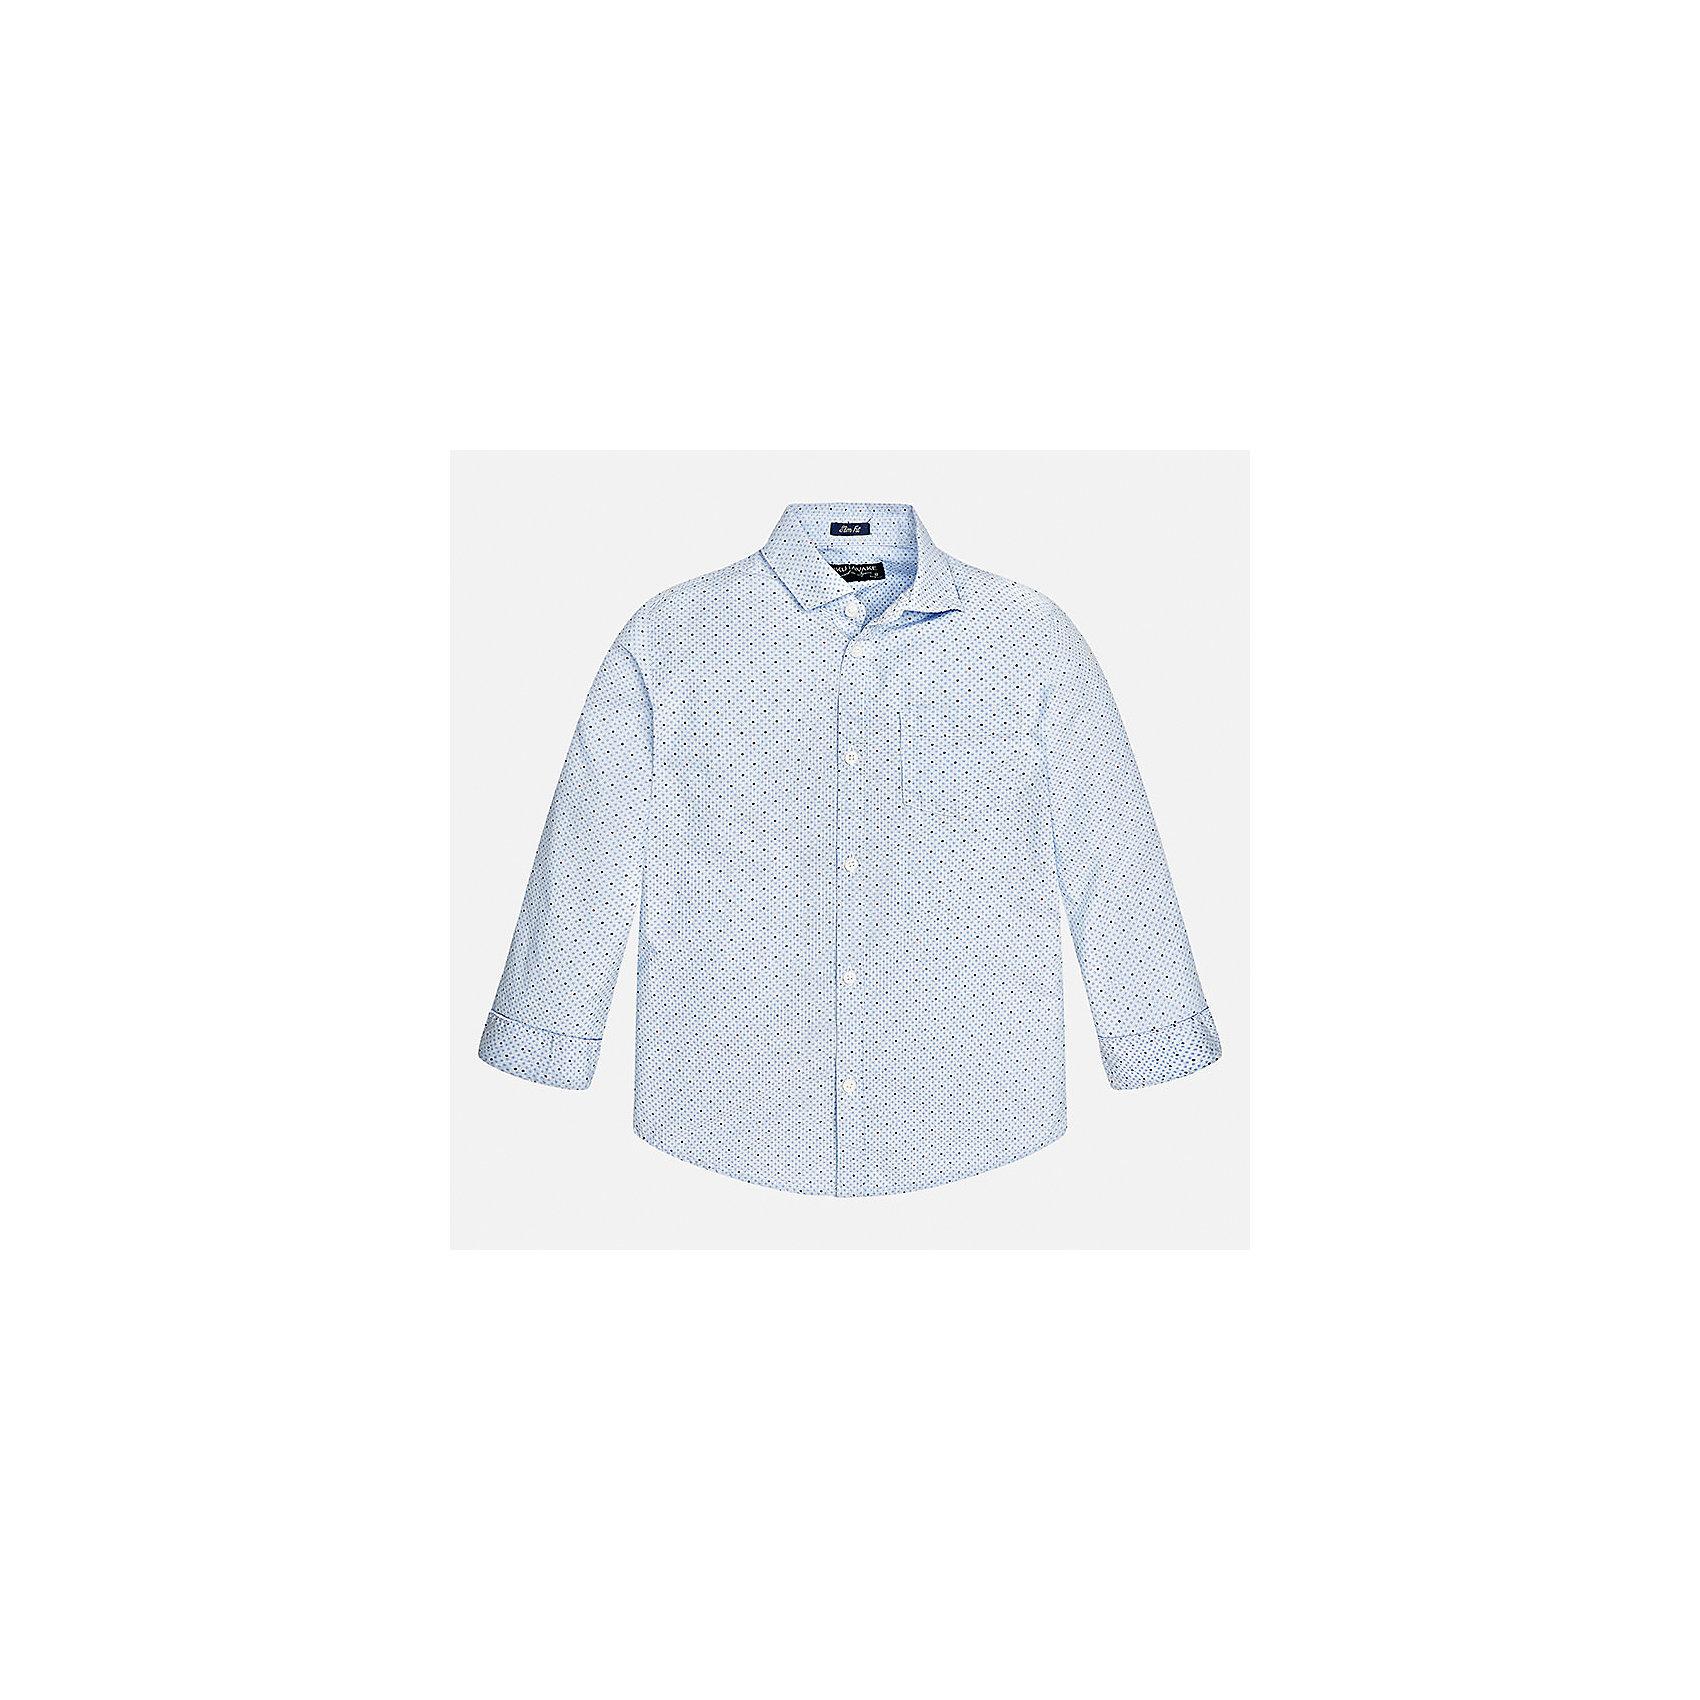 Рубашка Mayoral для мальчикаБлузки и рубашки<br>Характеристики товара:<br><br>• цвет: голубой<br>• состав ткани: 100% хлопок<br>• сезон: демисезон<br>• особенности модели: школьная<br>• застежка: пуговицы<br>• длинные рукава<br>• страна бренда: Испания<br>• страна изготовитель: Индия<br><br>Голубая рубашка с длинным рукавом для мальчика от Майорал поможет обеспечить ребенку комфорт. Детская рубашка отличается стильным и продуманным дизайном. В рубашке для мальчика от испанской компании Майорал ребенок будет выглядеть модно, а чувствовать себя - комфортно. <br><br>Рубашку для мальчика Mayoral (Майорал) можно купить в нашем интернет-магазине.<br><br>Ширина мм: 174<br>Глубина мм: 10<br>Высота мм: 169<br>Вес г: 157<br>Цвет: голубой<br>Возраст от месяцев: 156<br>Возраст до месяцев: 168<br>Пол: Мужской<br>Возраст: Детский<br>Размер: 164,170,128/134,140,152,158<br>SKU: 6933542